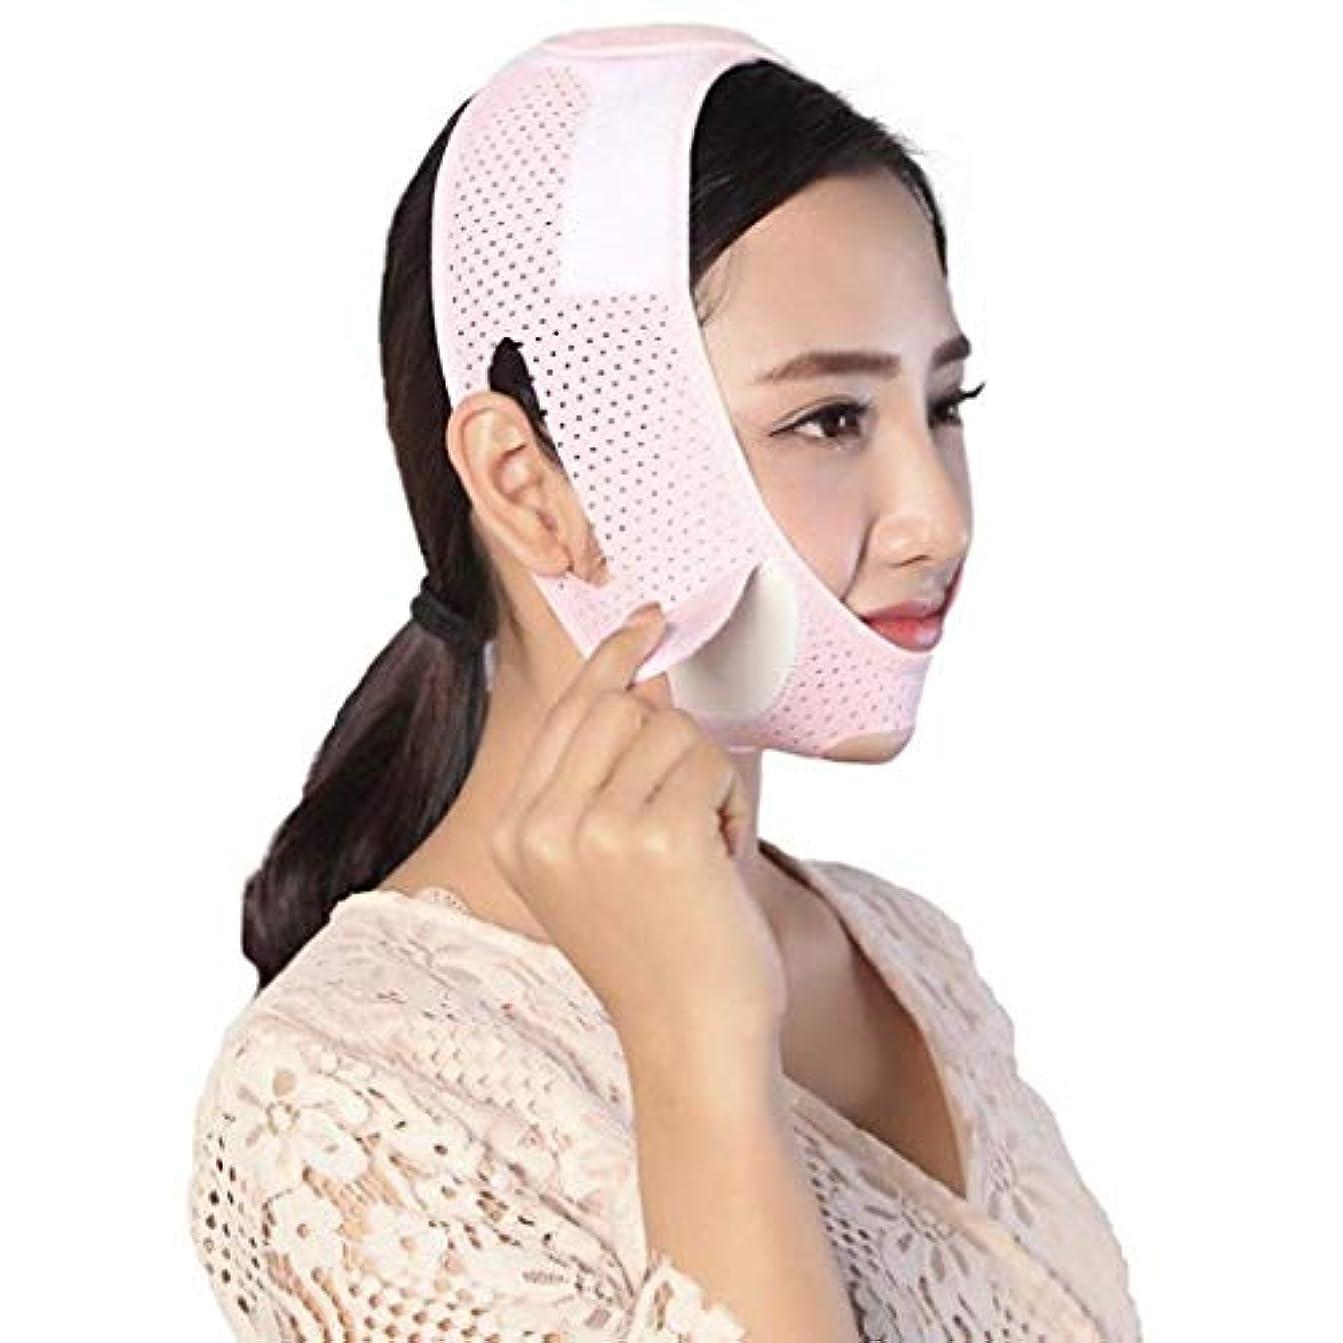 選ぶ反対に研究Vフェイスリフティング痩身Vフェイスマスクフルカバレッジ包帯減らす顔の二重あごケア減量美容ベルト通気性